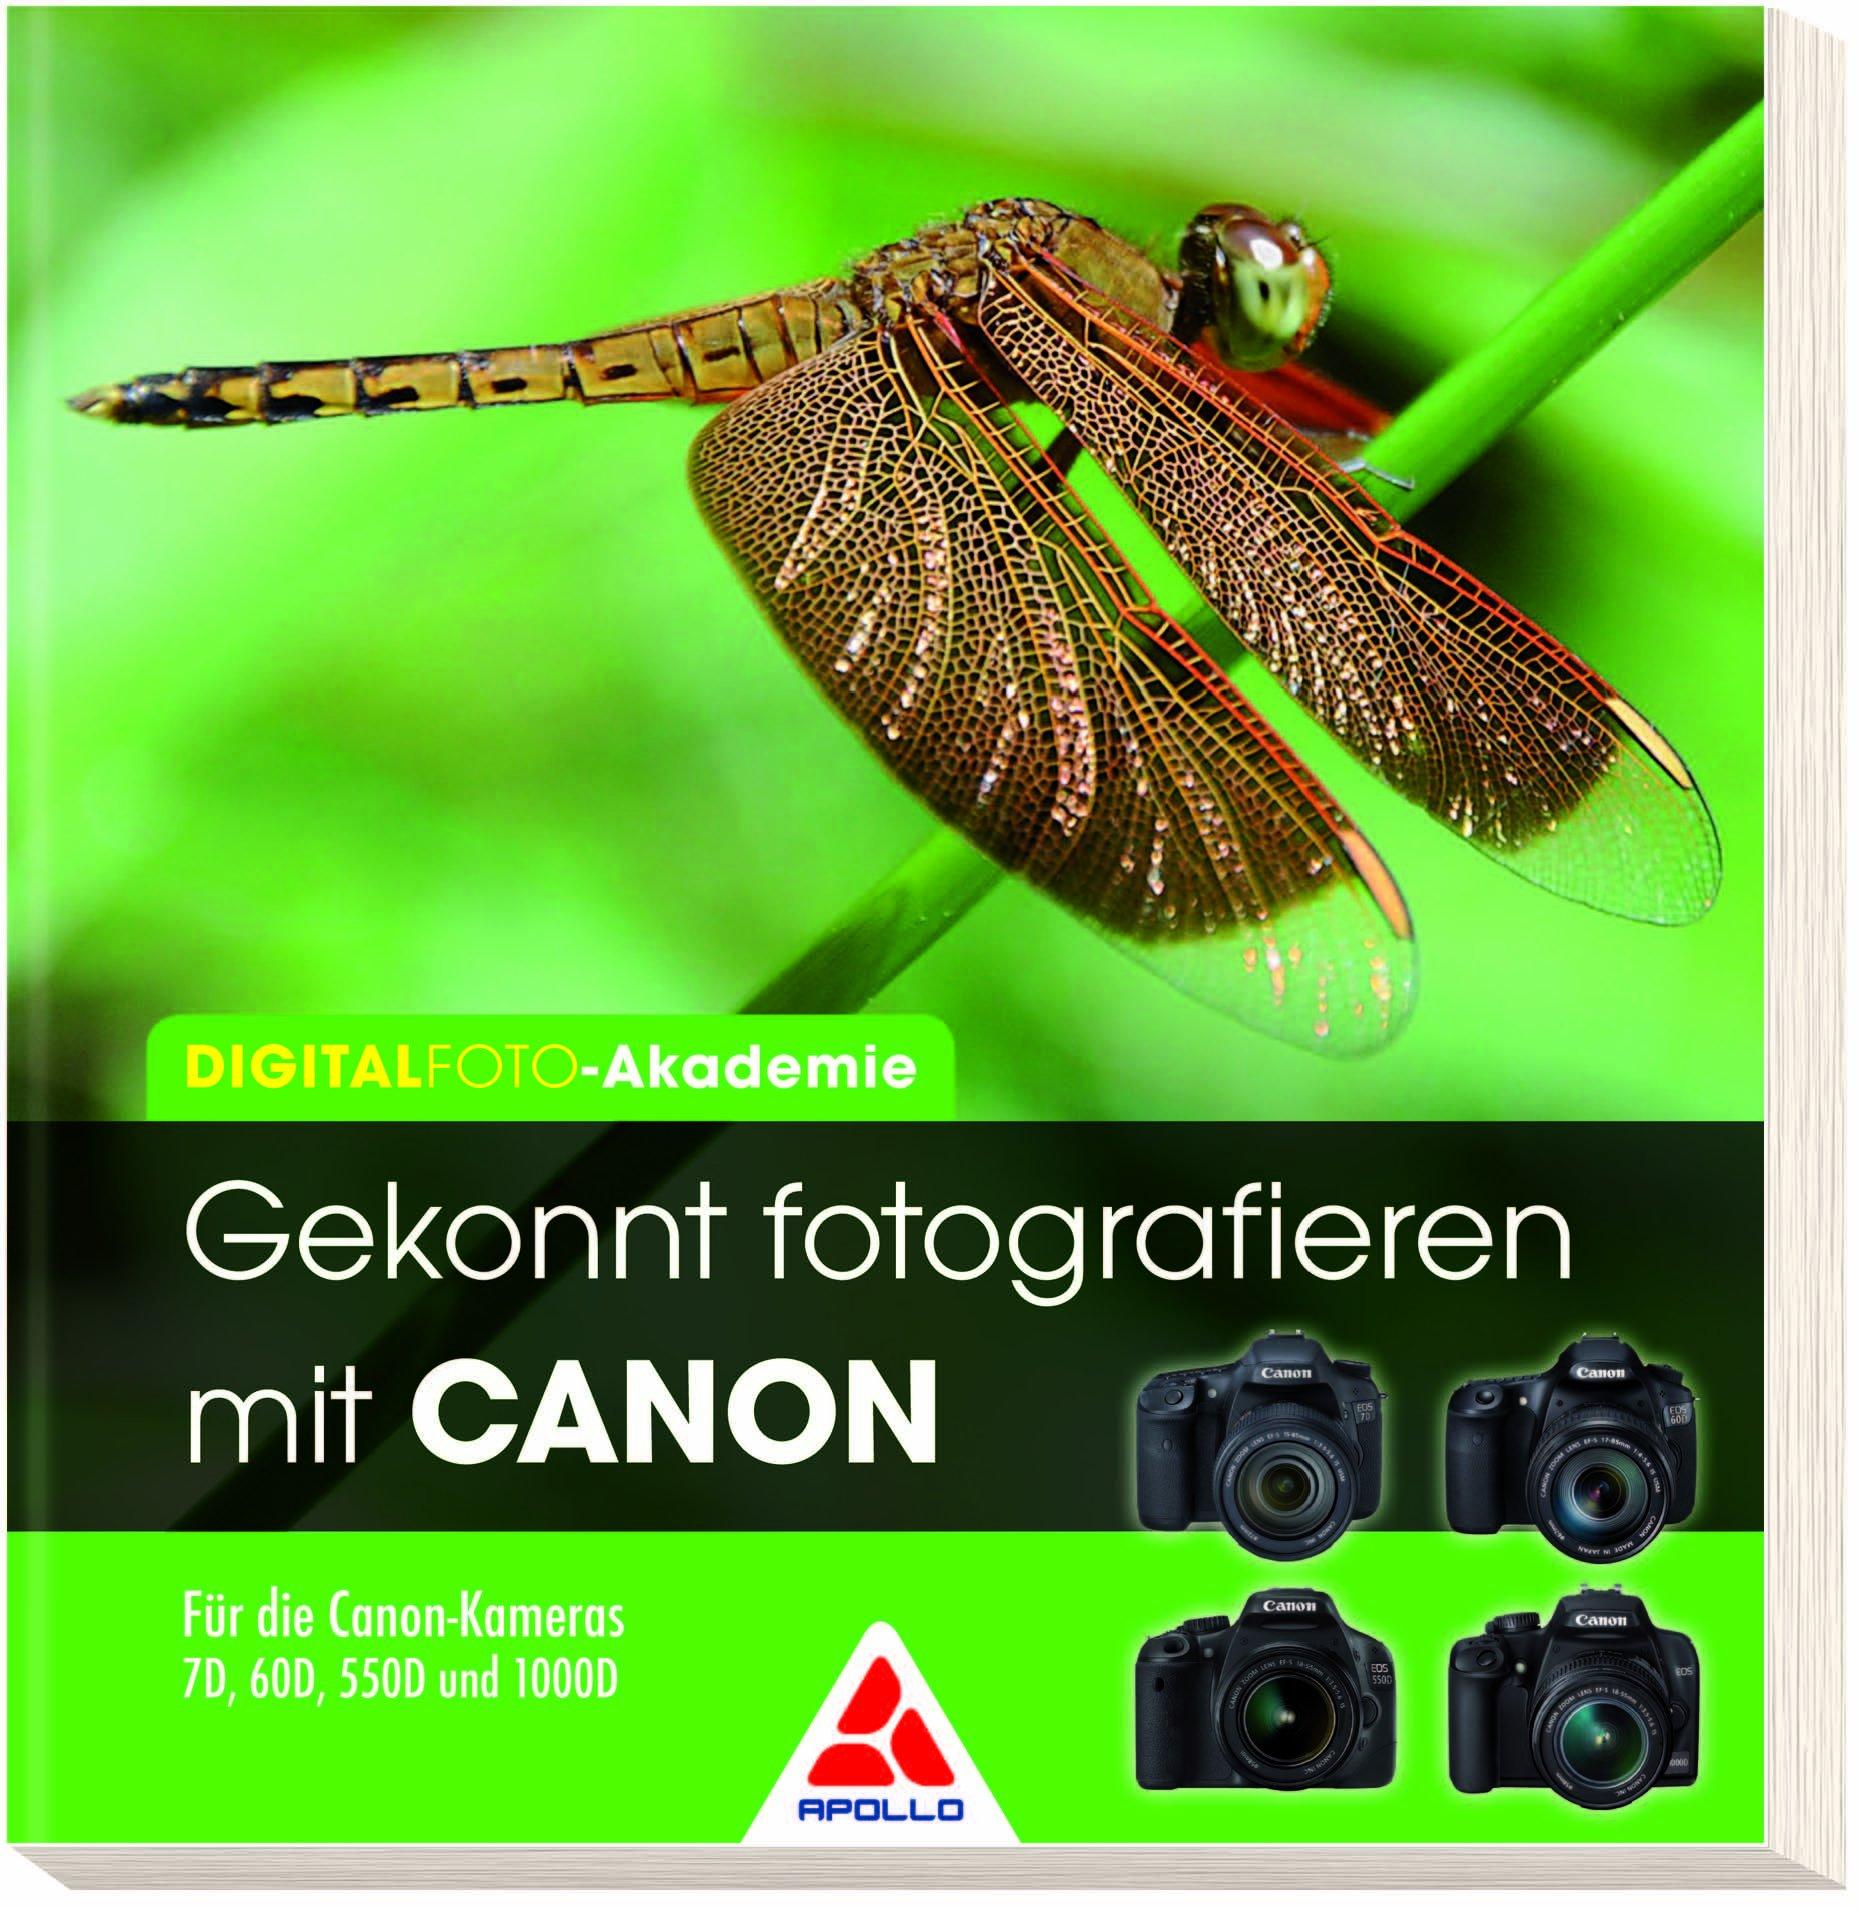 Gekonnt fotografieren mit Canon